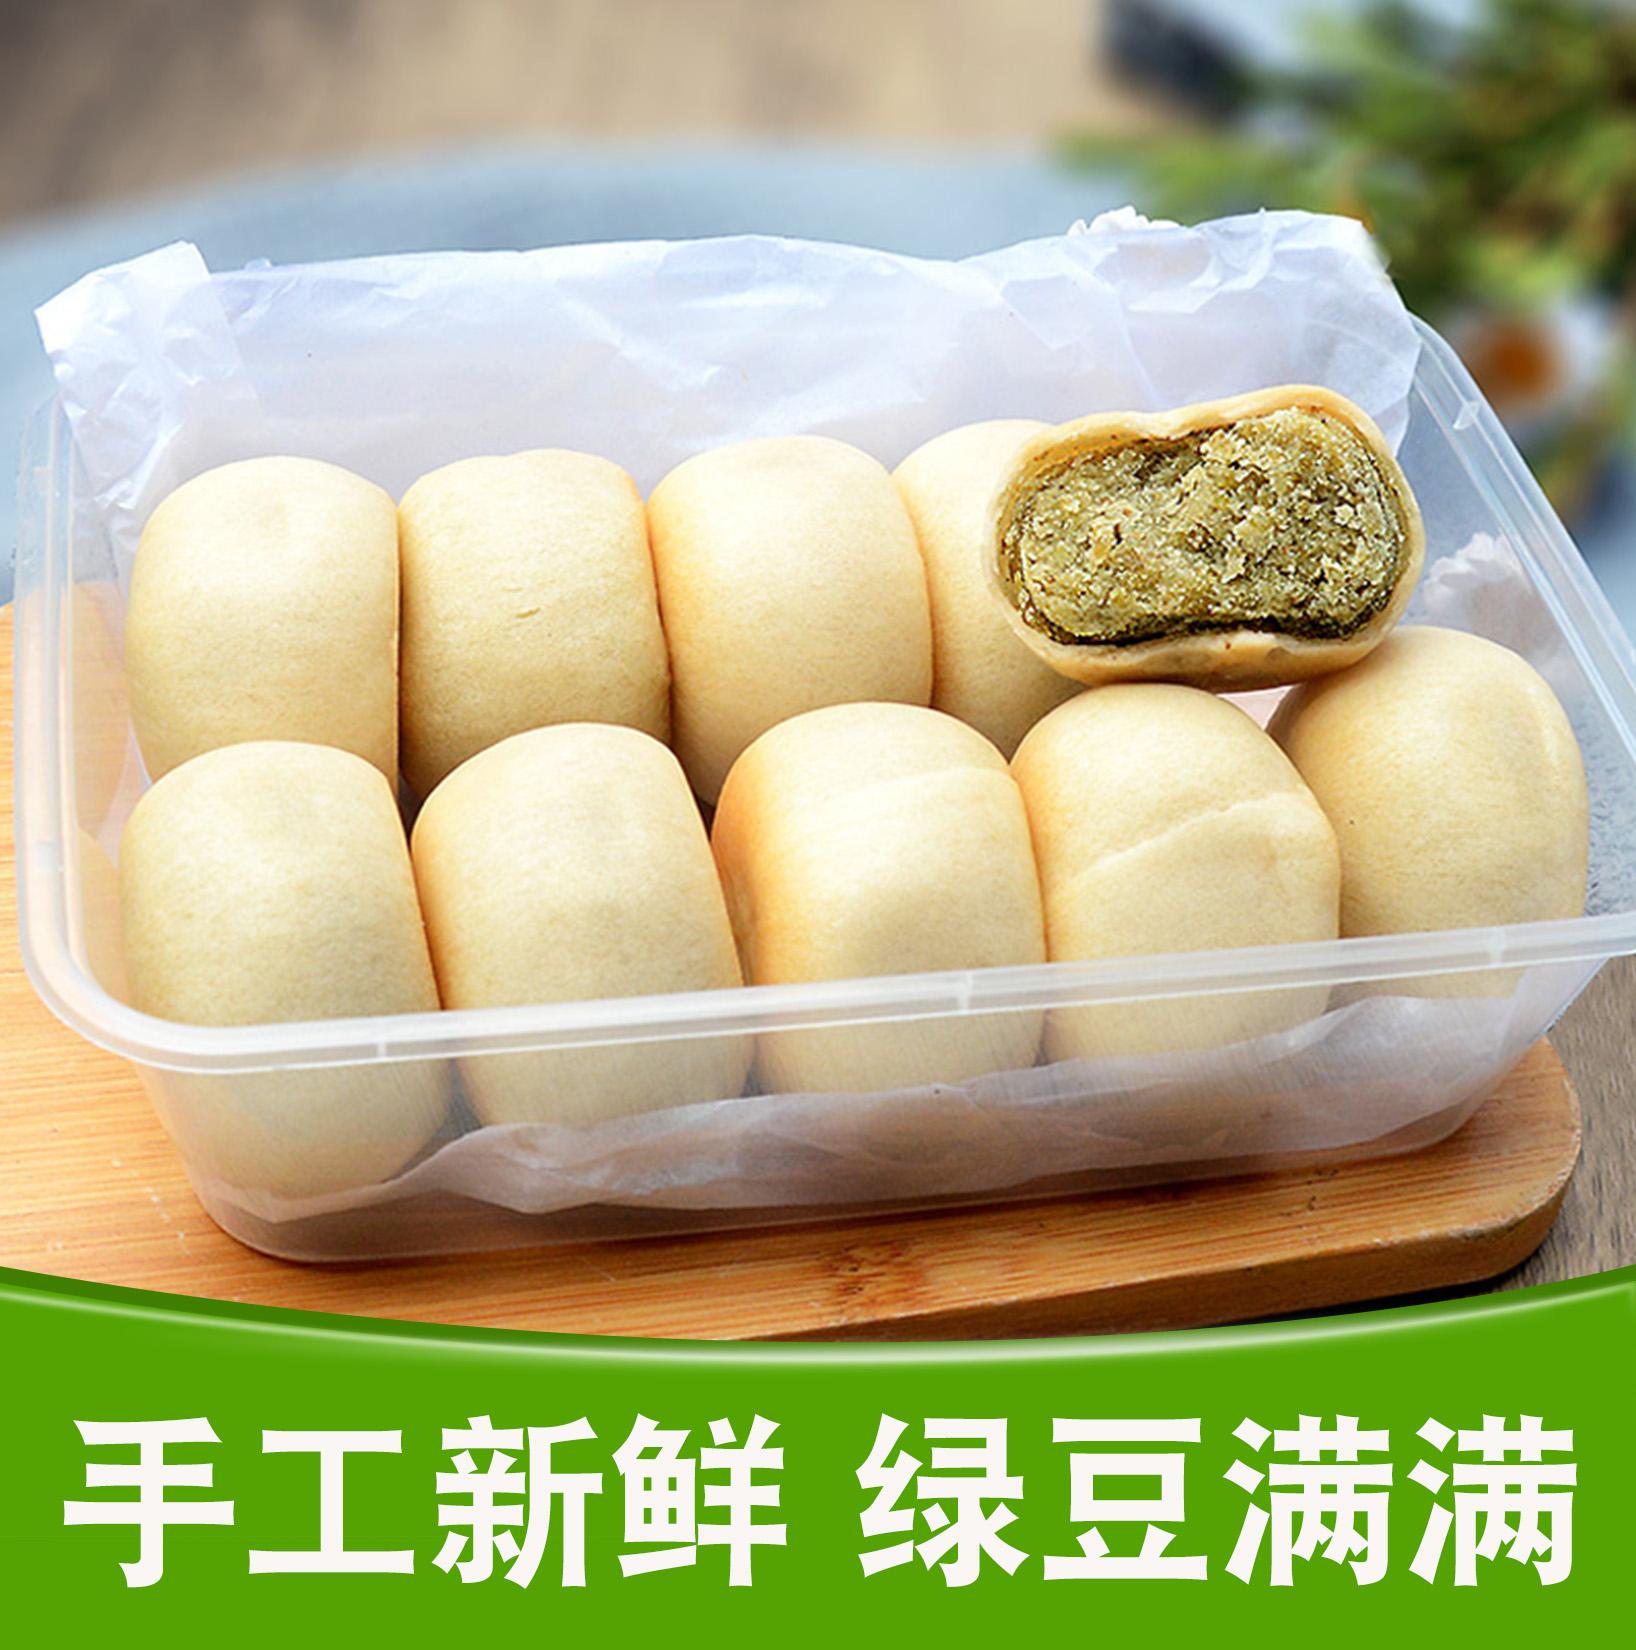 福建特产闽南泉州手工传统正宗绿豆酥冰皮绿豆饼糕点心老式小零食